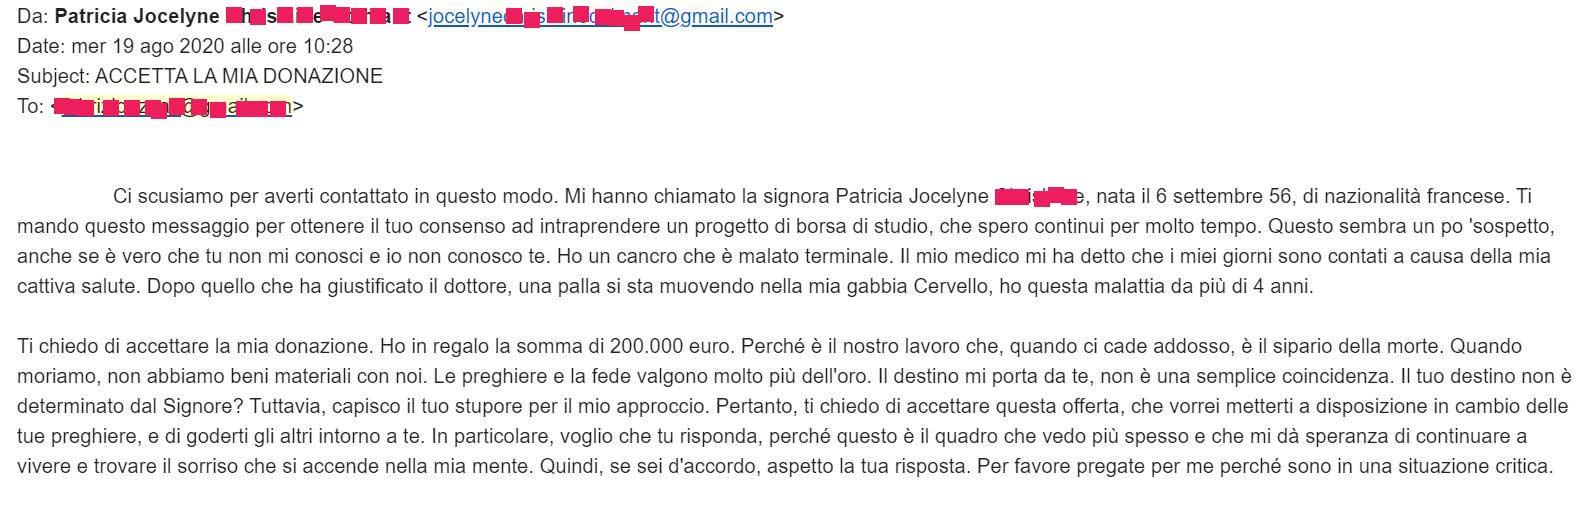 esempio truffa donazione